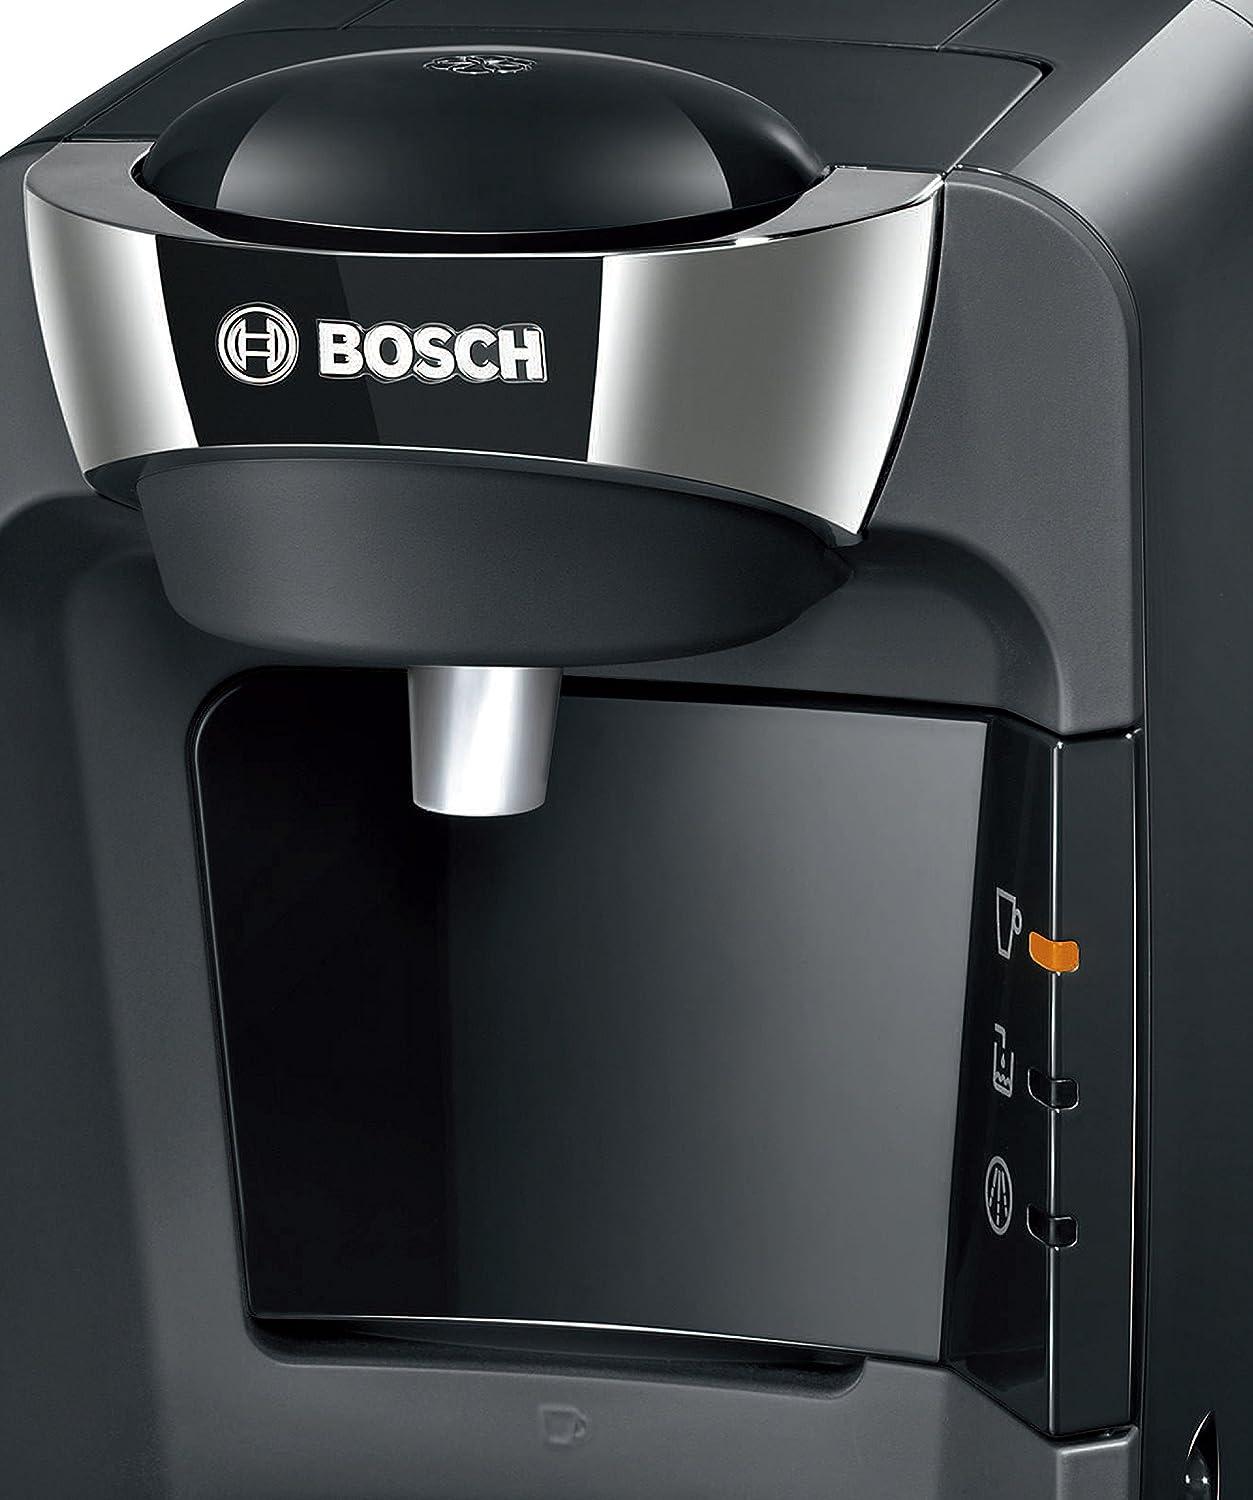 Bosch TAS3202GB - Cafetera de cápsulas, 1300 W, color negro ...